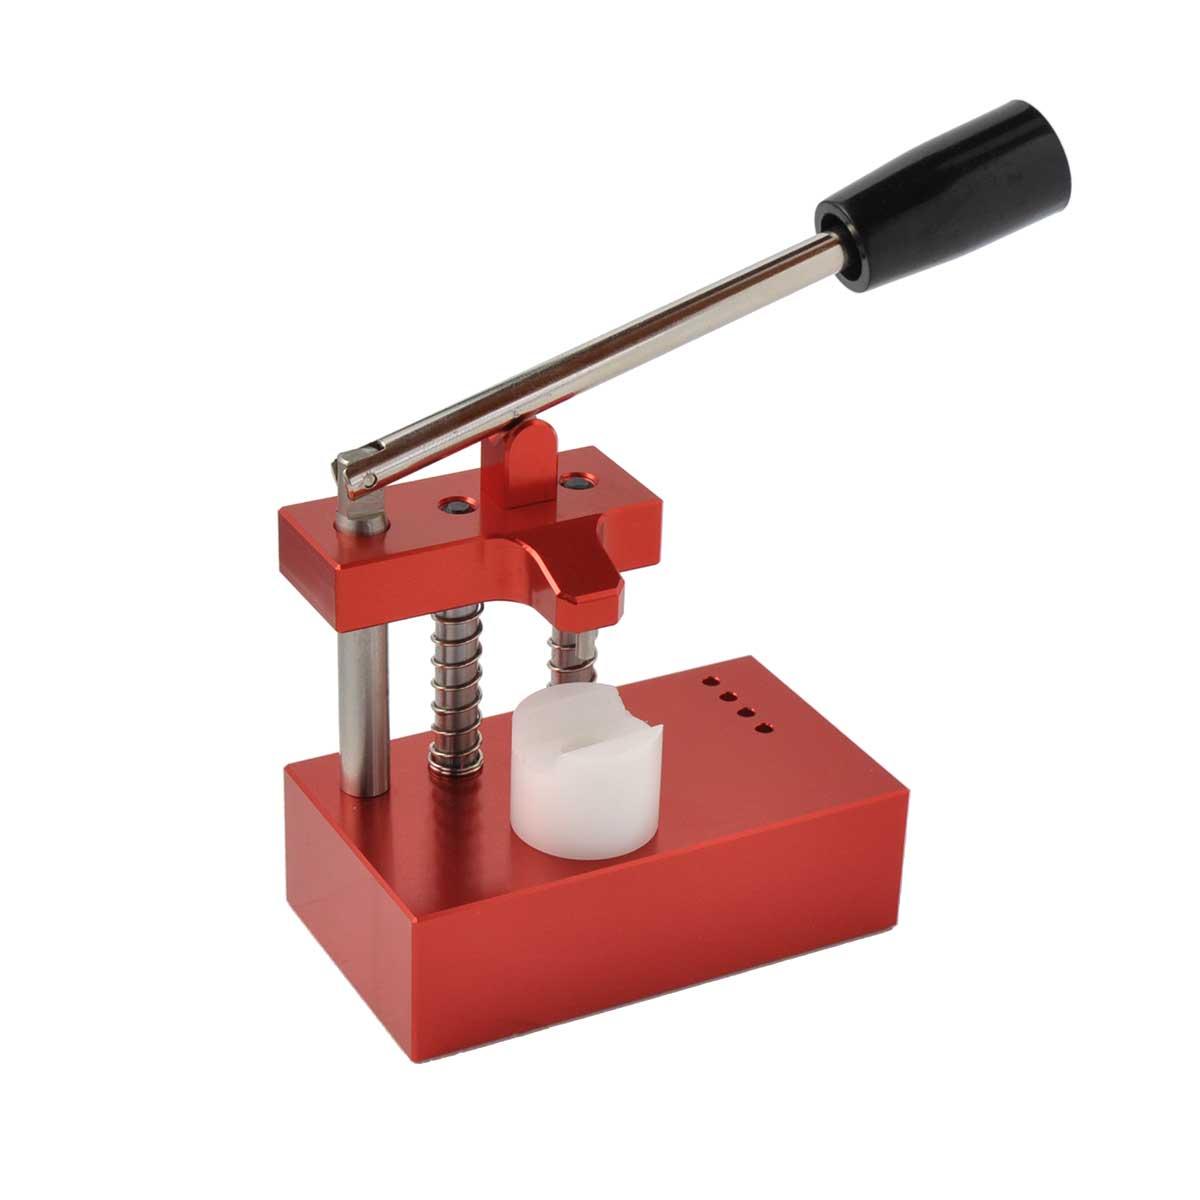 腕時計用工具 リューズ防水パイプ取り出し器 腕時計用工具 交換工具 [ ZSD - ZSD506049 ]